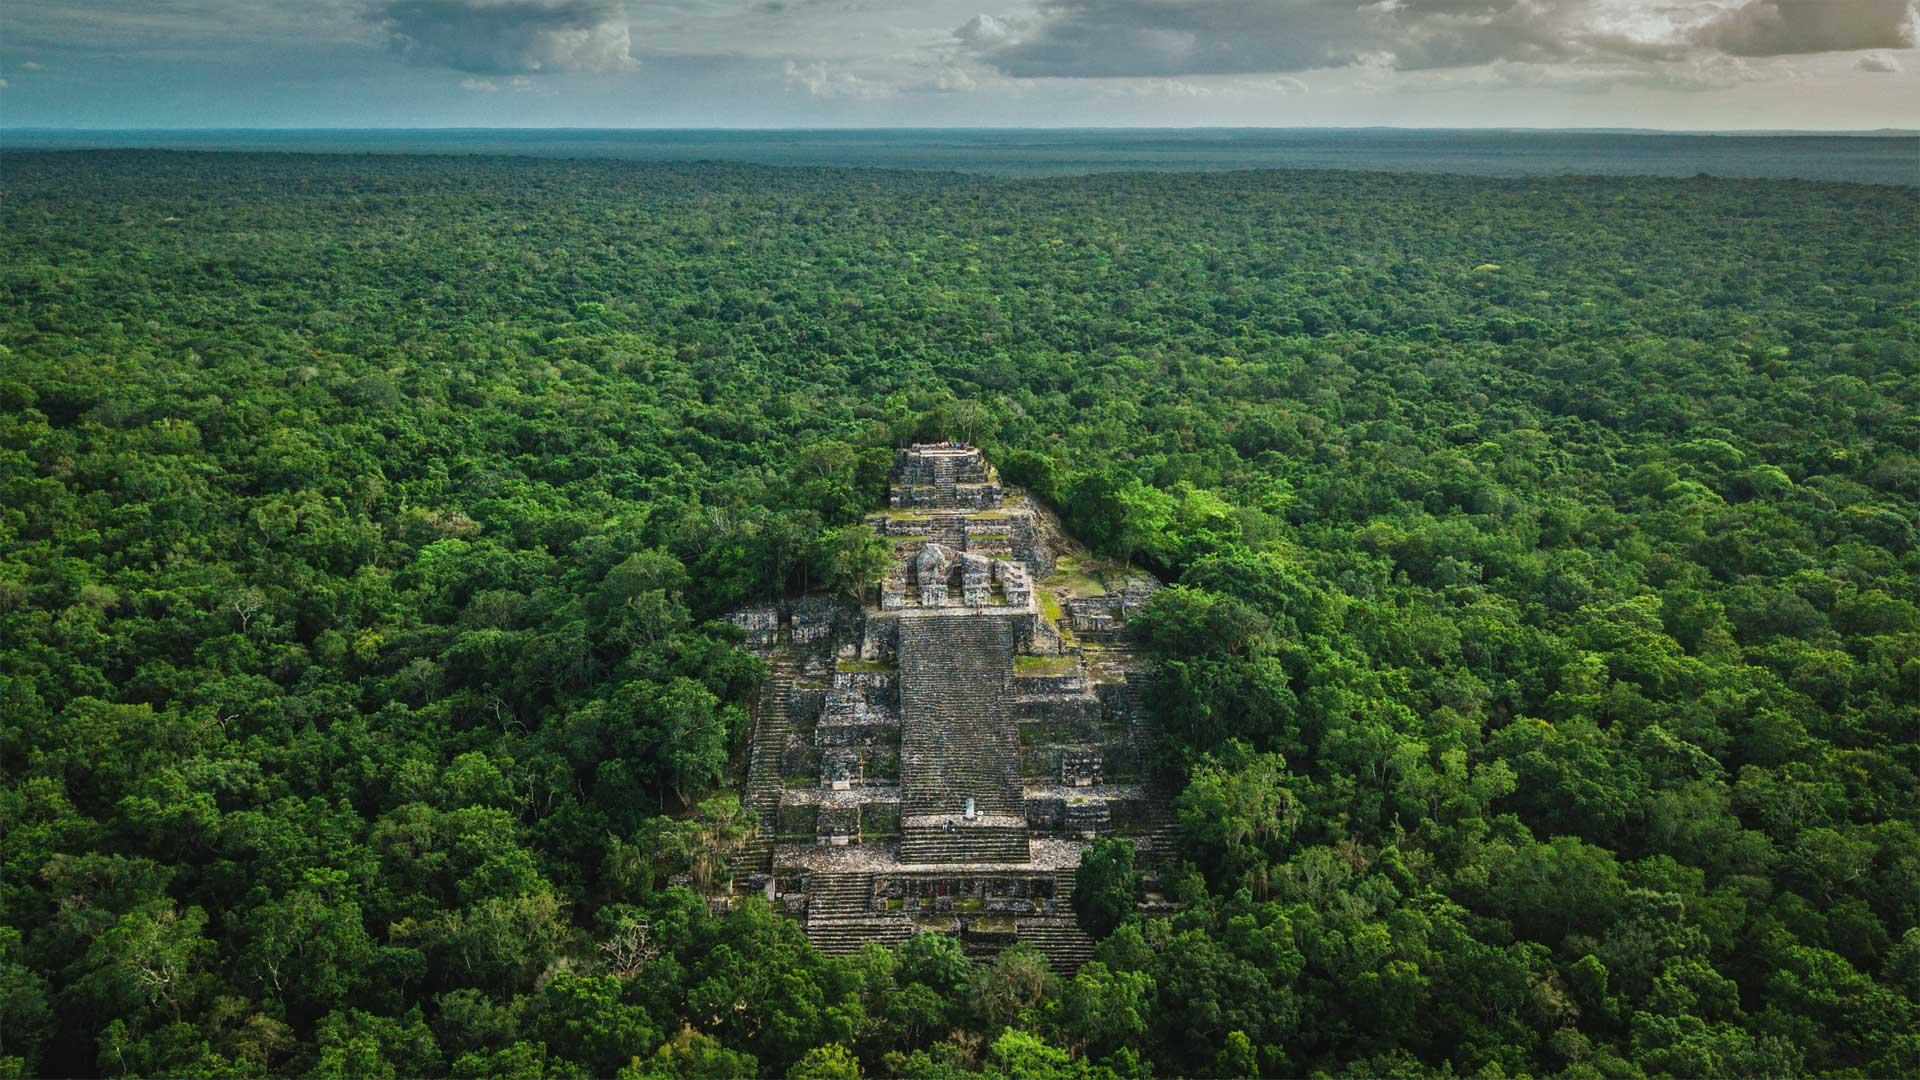 「カラクムルの古代マヤ文明遺跡」メキシコ, カンペチェ州 (© Alfredo Matus/Shutterstock)